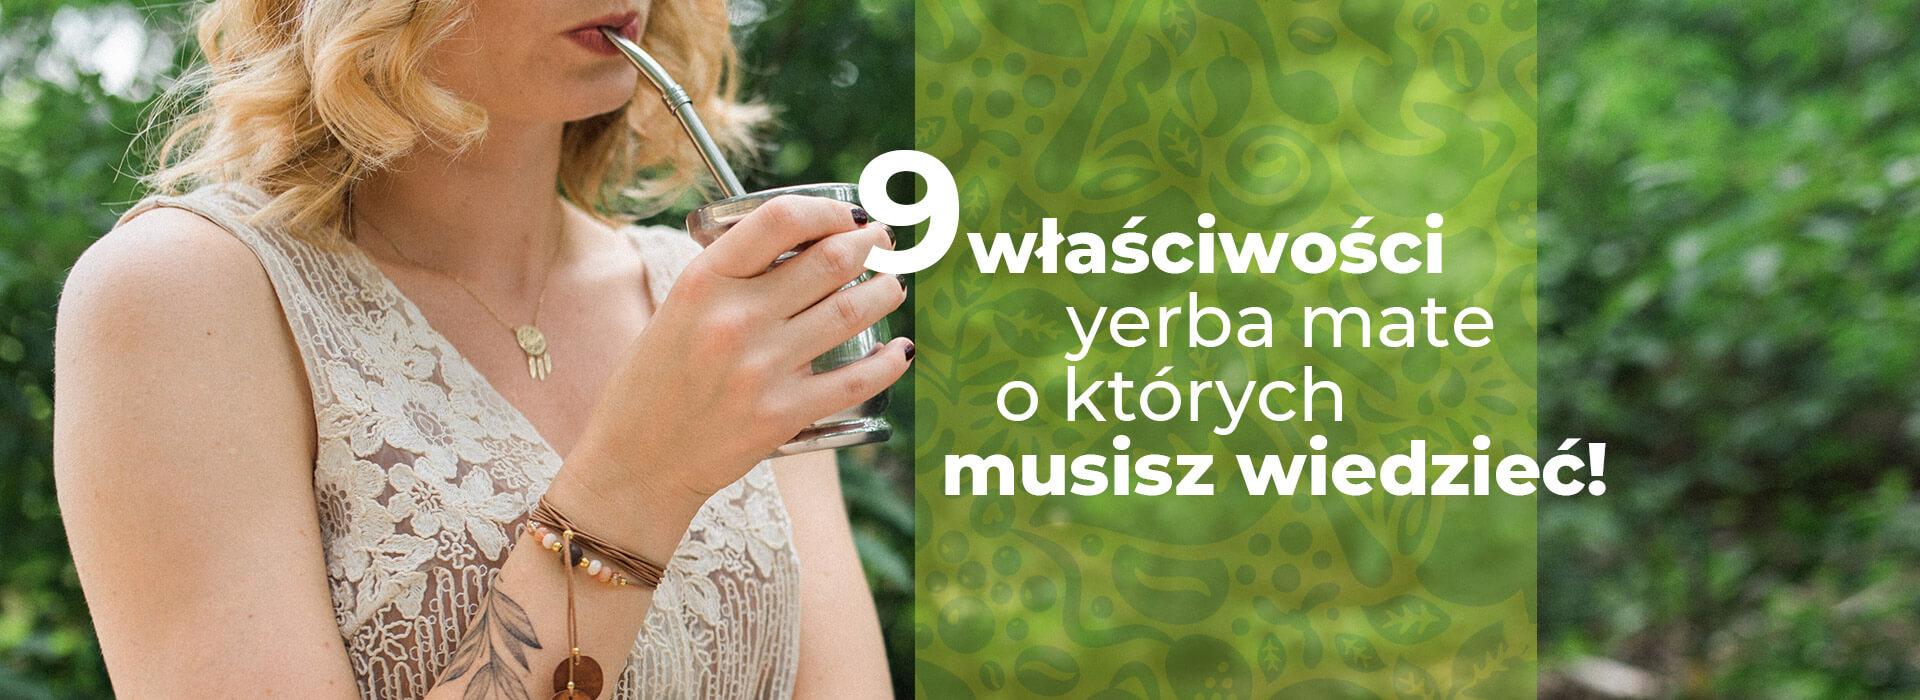 Wejdź i dowiedz się o 9 właściwościach yerba mate, o których musisz wiedzieć!.           | ZielonyTarg.pl